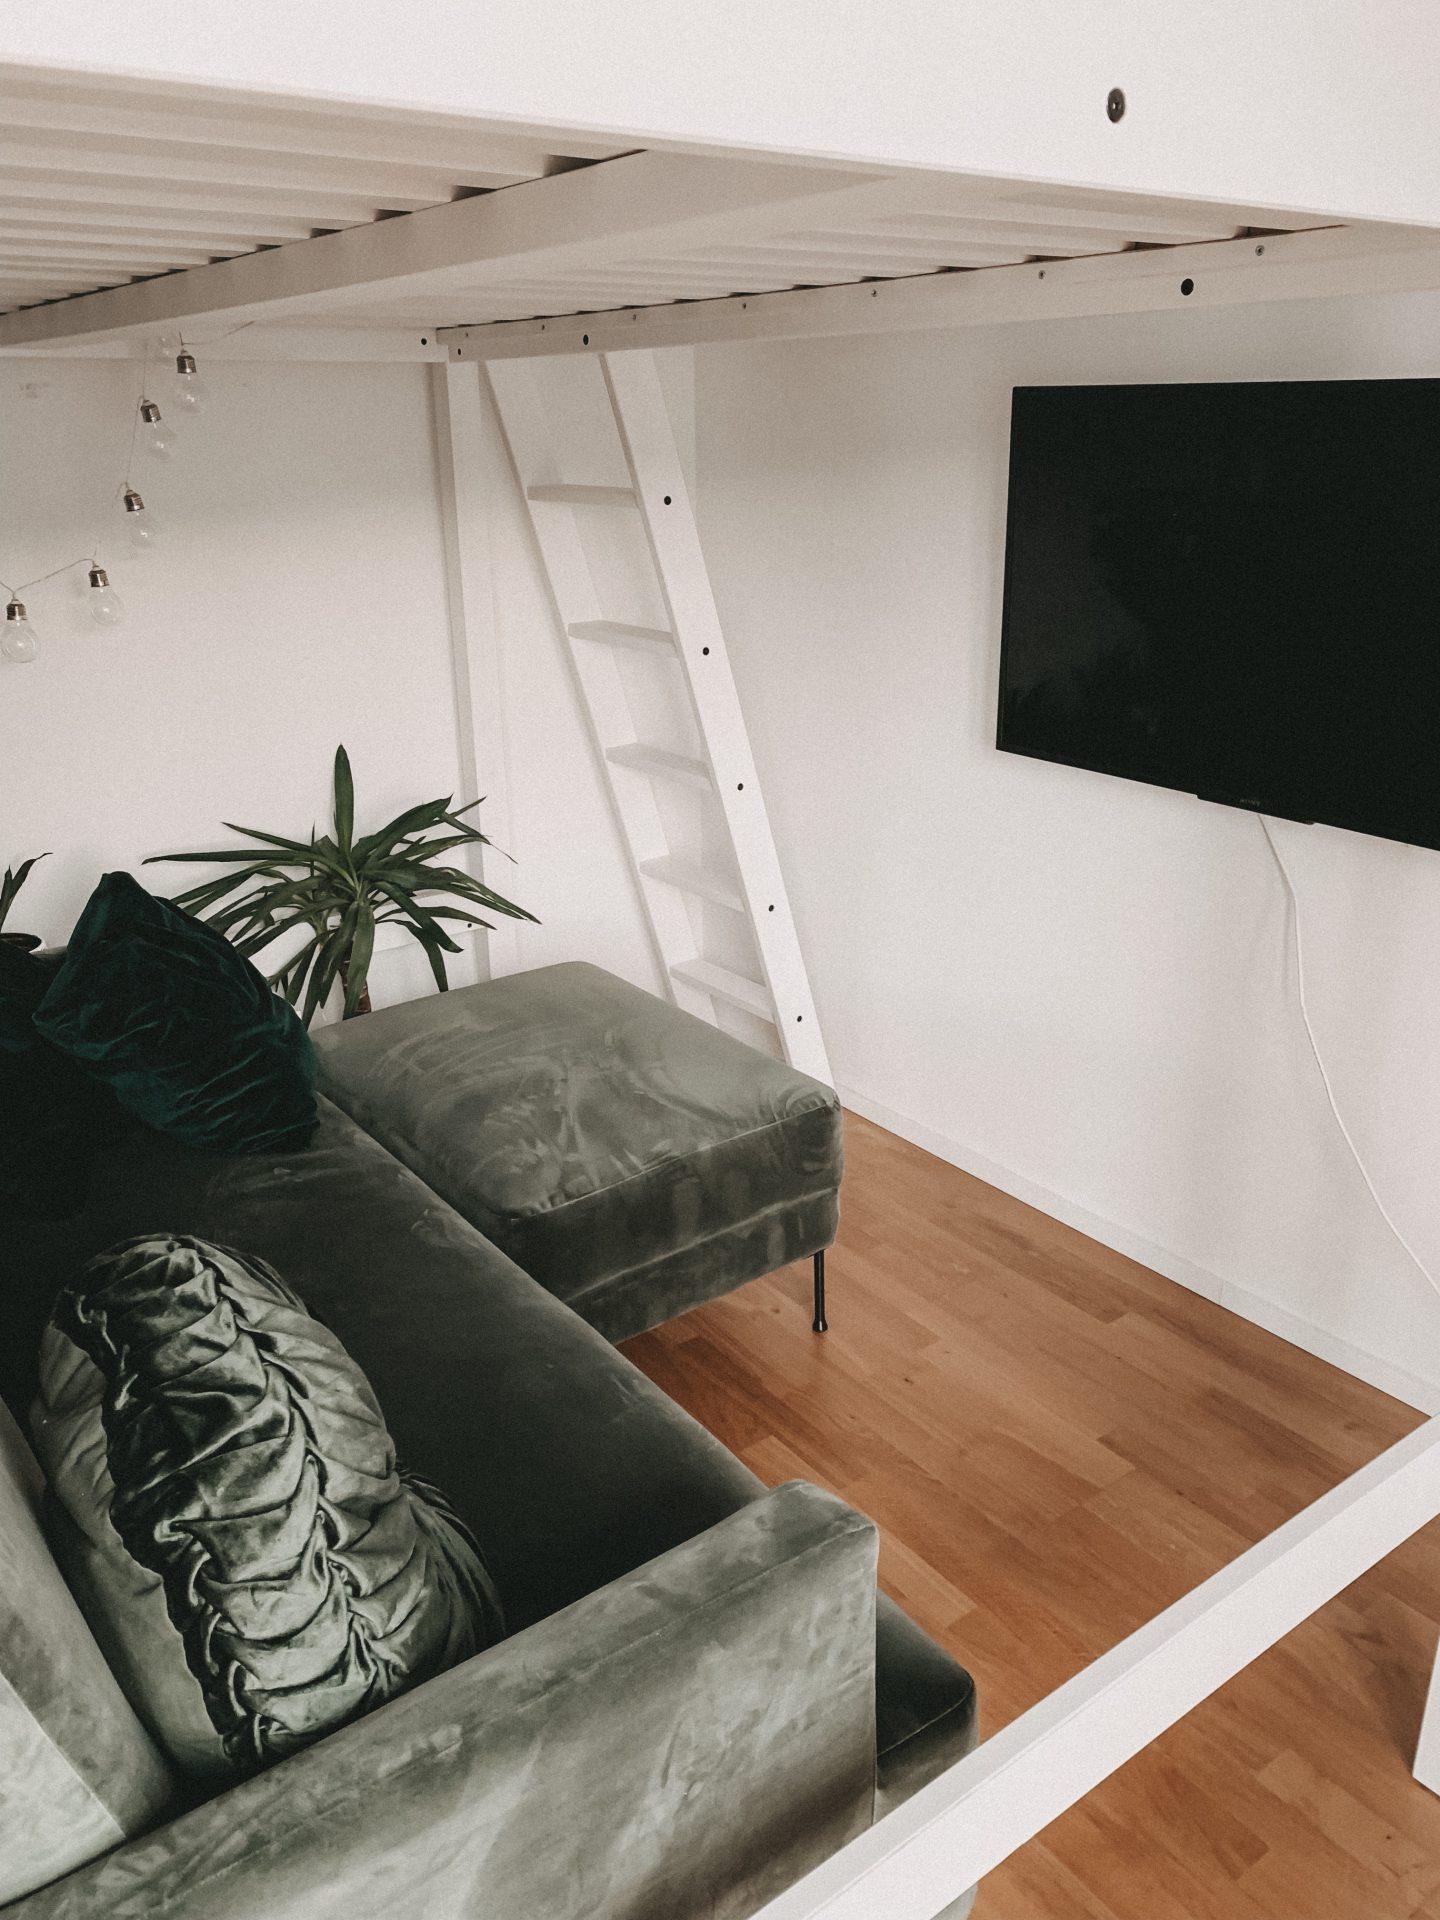 Ikea Deko Challenge Kleine Wohnung Mit Hochbett Shoppinators